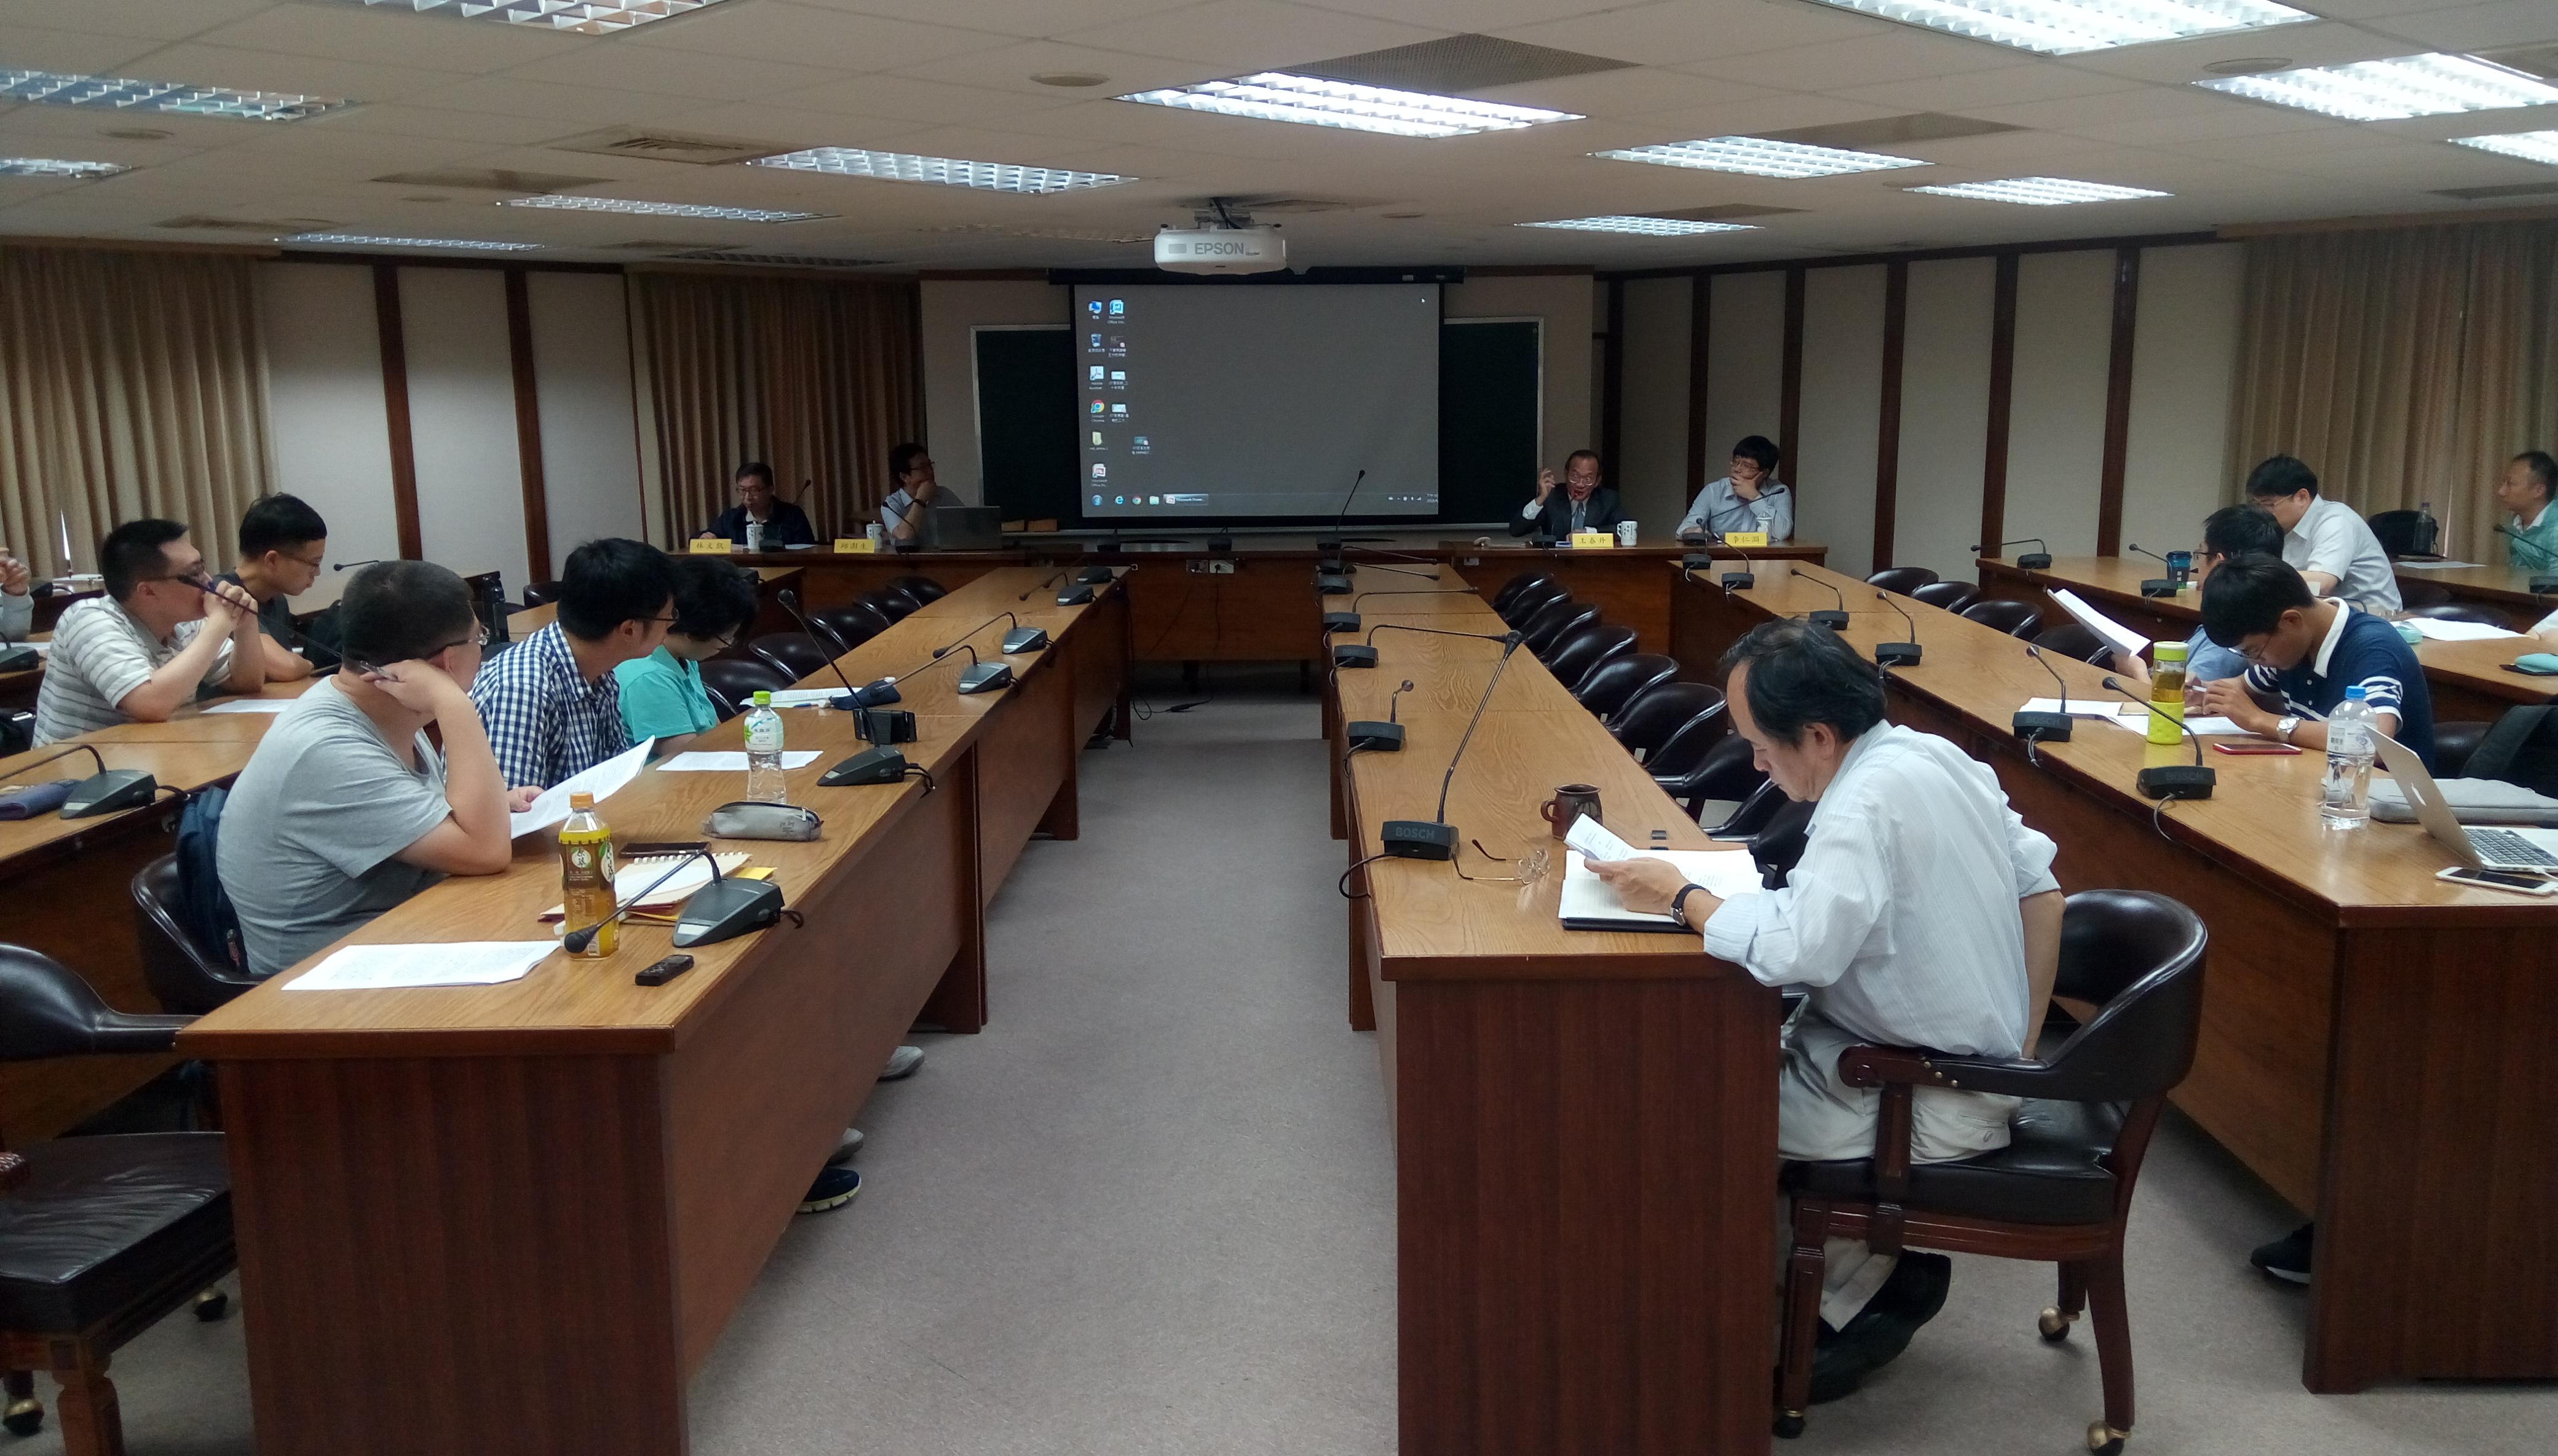 明清時期的法律、制度與地方社會學術座談會報導